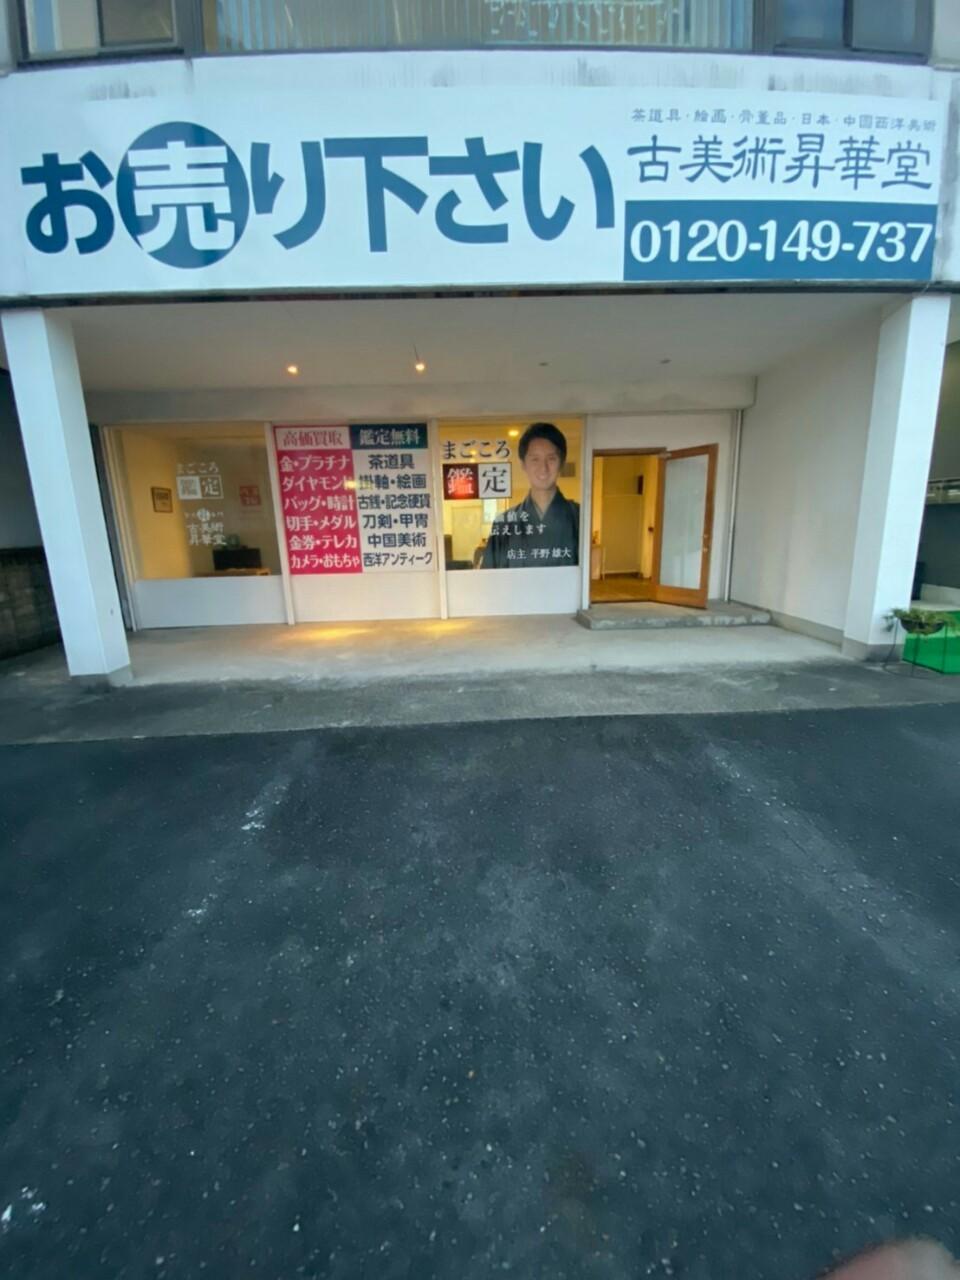 ベストフレンド古美術昇華堂中津川店店舗写真1